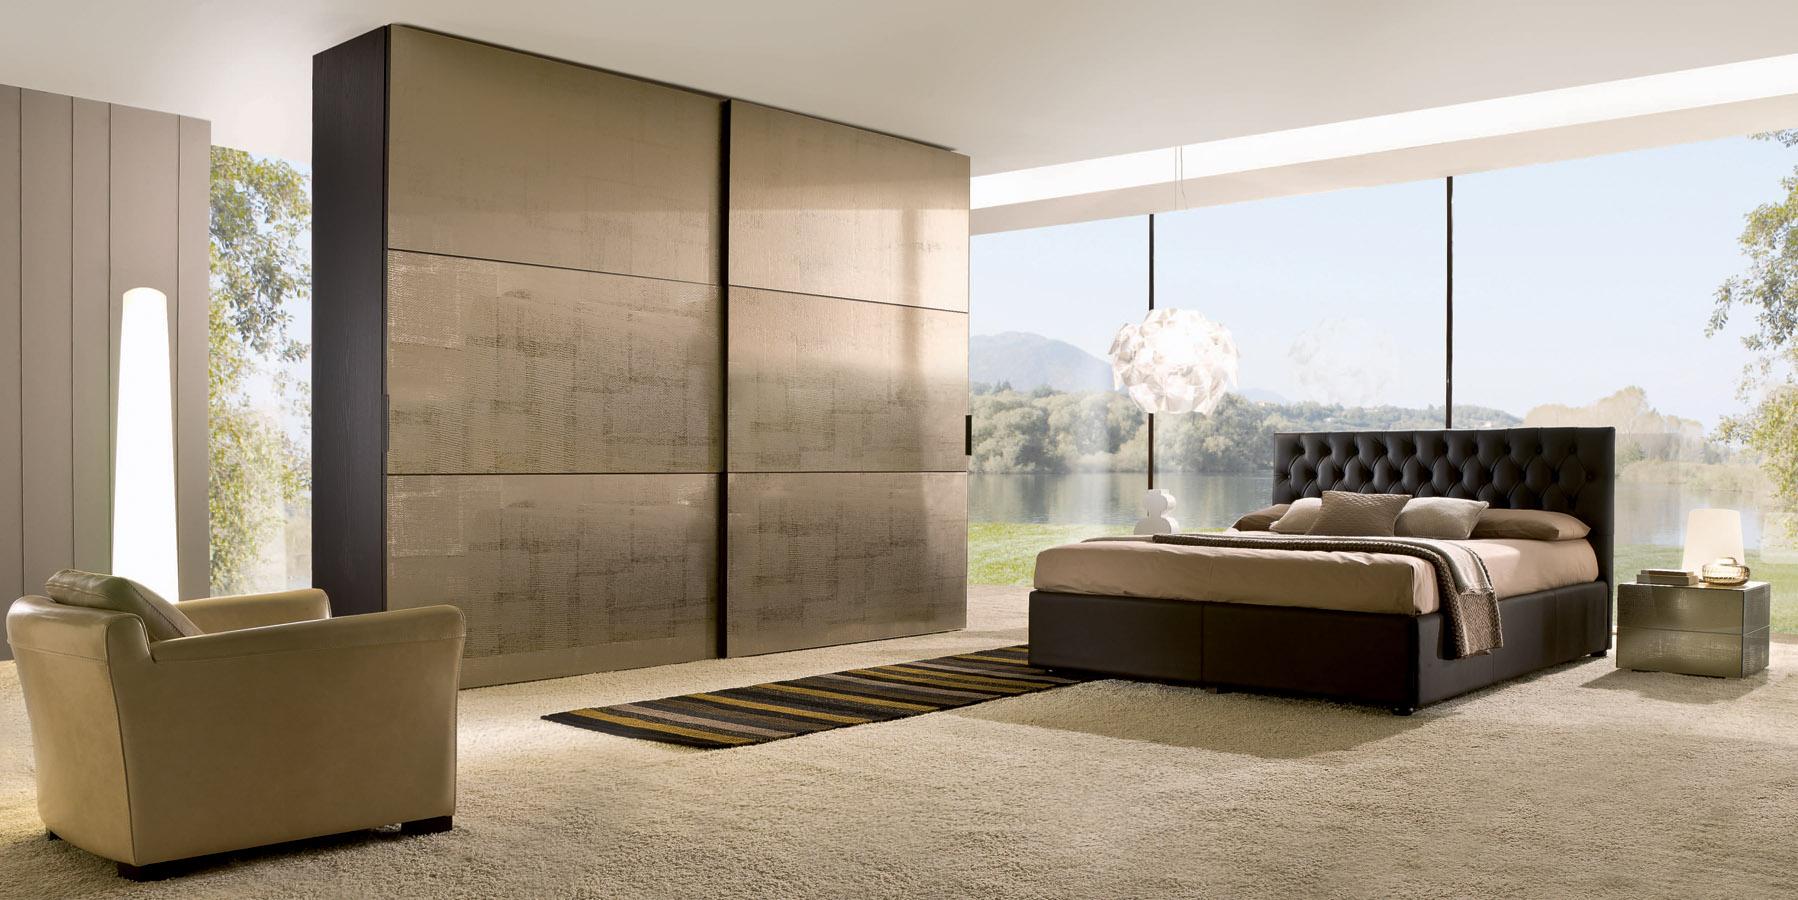 Ante specchio bronzo falegnameria 1946 letti armadi e complementi camera da letto - Complementi camera da letto ...